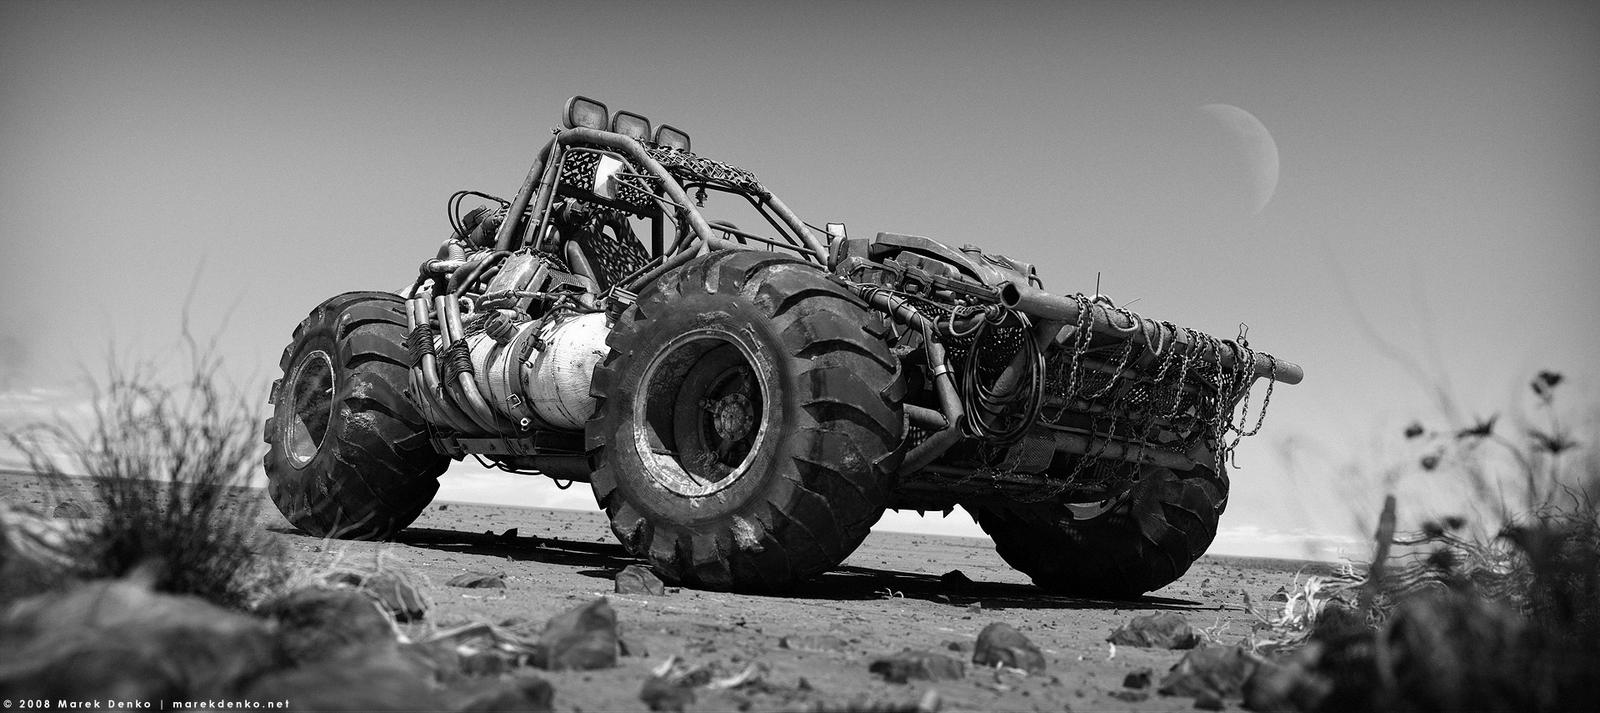 Buggy desert